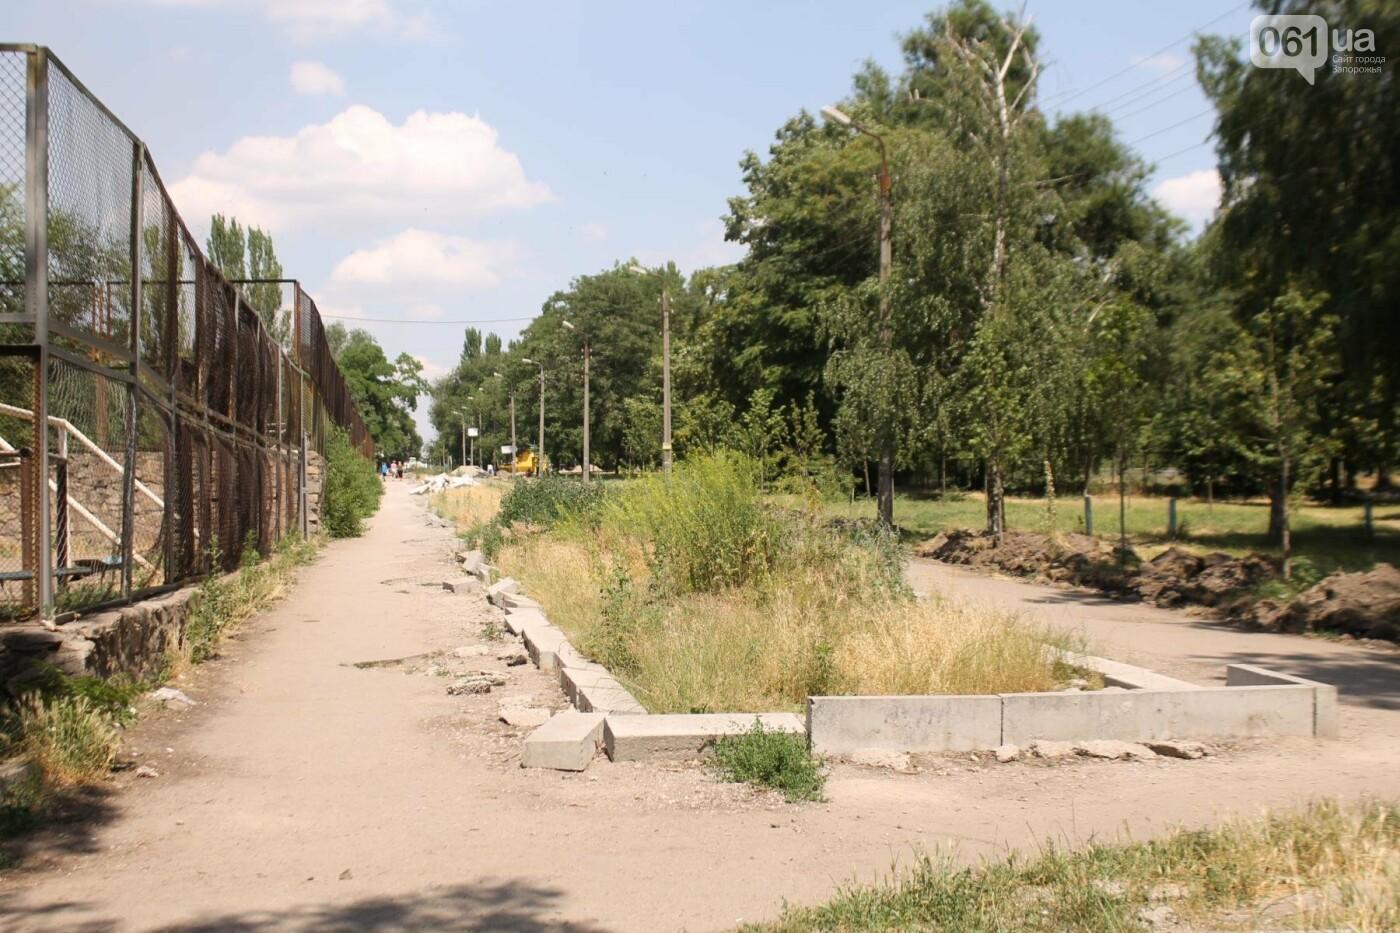 На Якова Новицкого в Запорожье возобновили реконструкцию пешеходной аллеи: обещают закончить до конца лета, – ФОТОРЕПОРТАЖ, фото-7